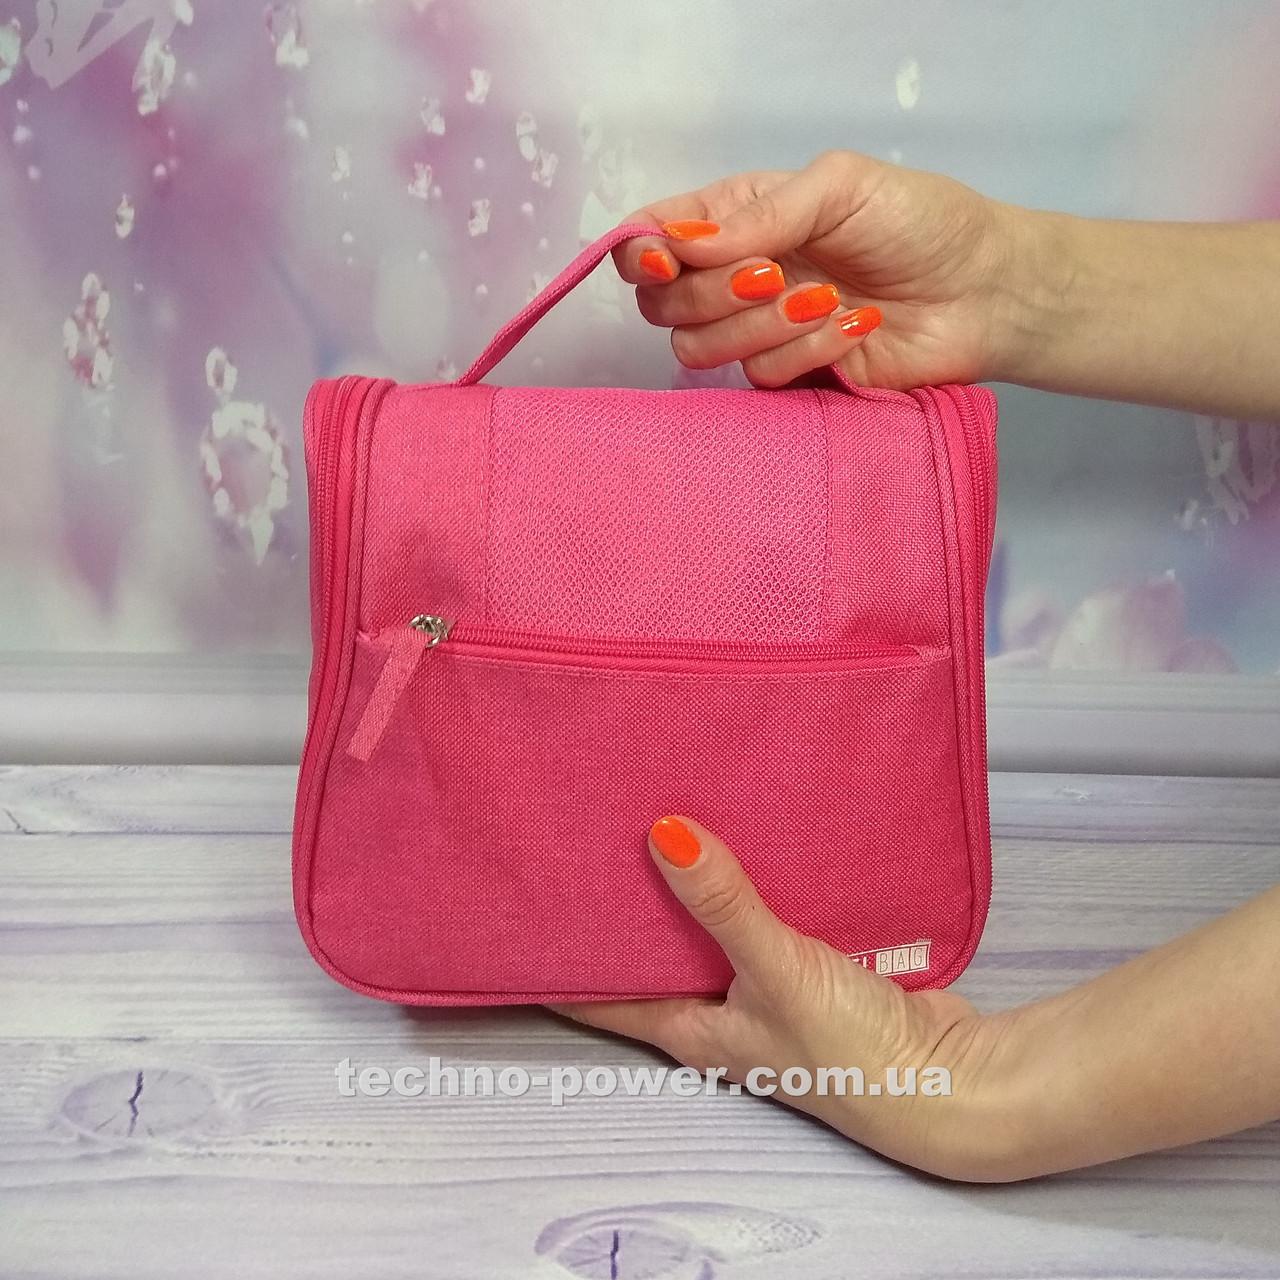 Сумочка-портфель для косметики. Косметичка для make up